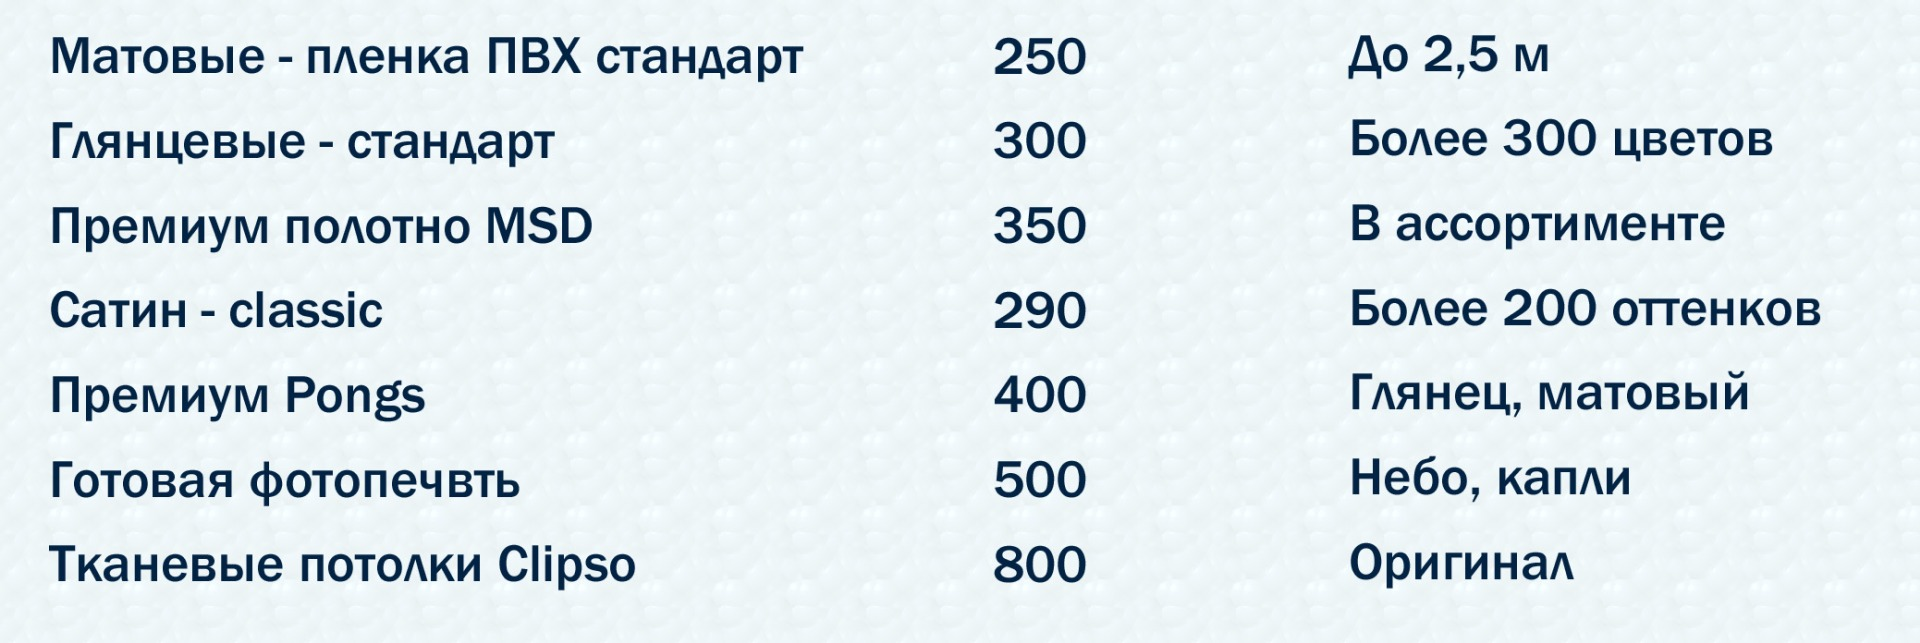 Установка натяжных потолков в Лабинске - цены